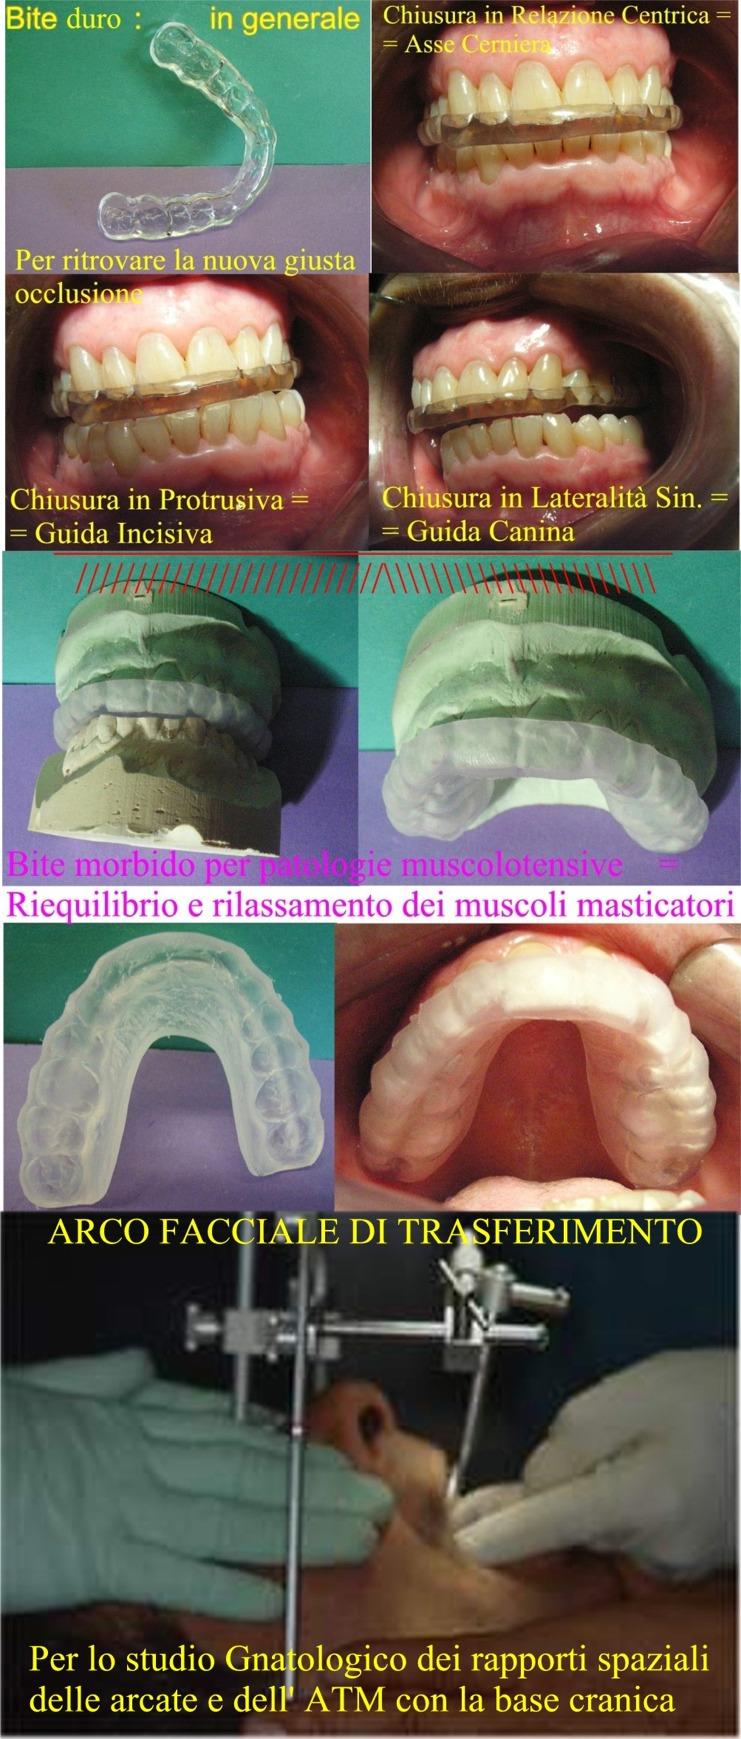 Diversi tipi di Bite ed Arco facciale di Trasferimento in Terapia Gnatologica. Da casistica del Dr. Gustavo Petto Parodontologo Gnatologo di Cagliari